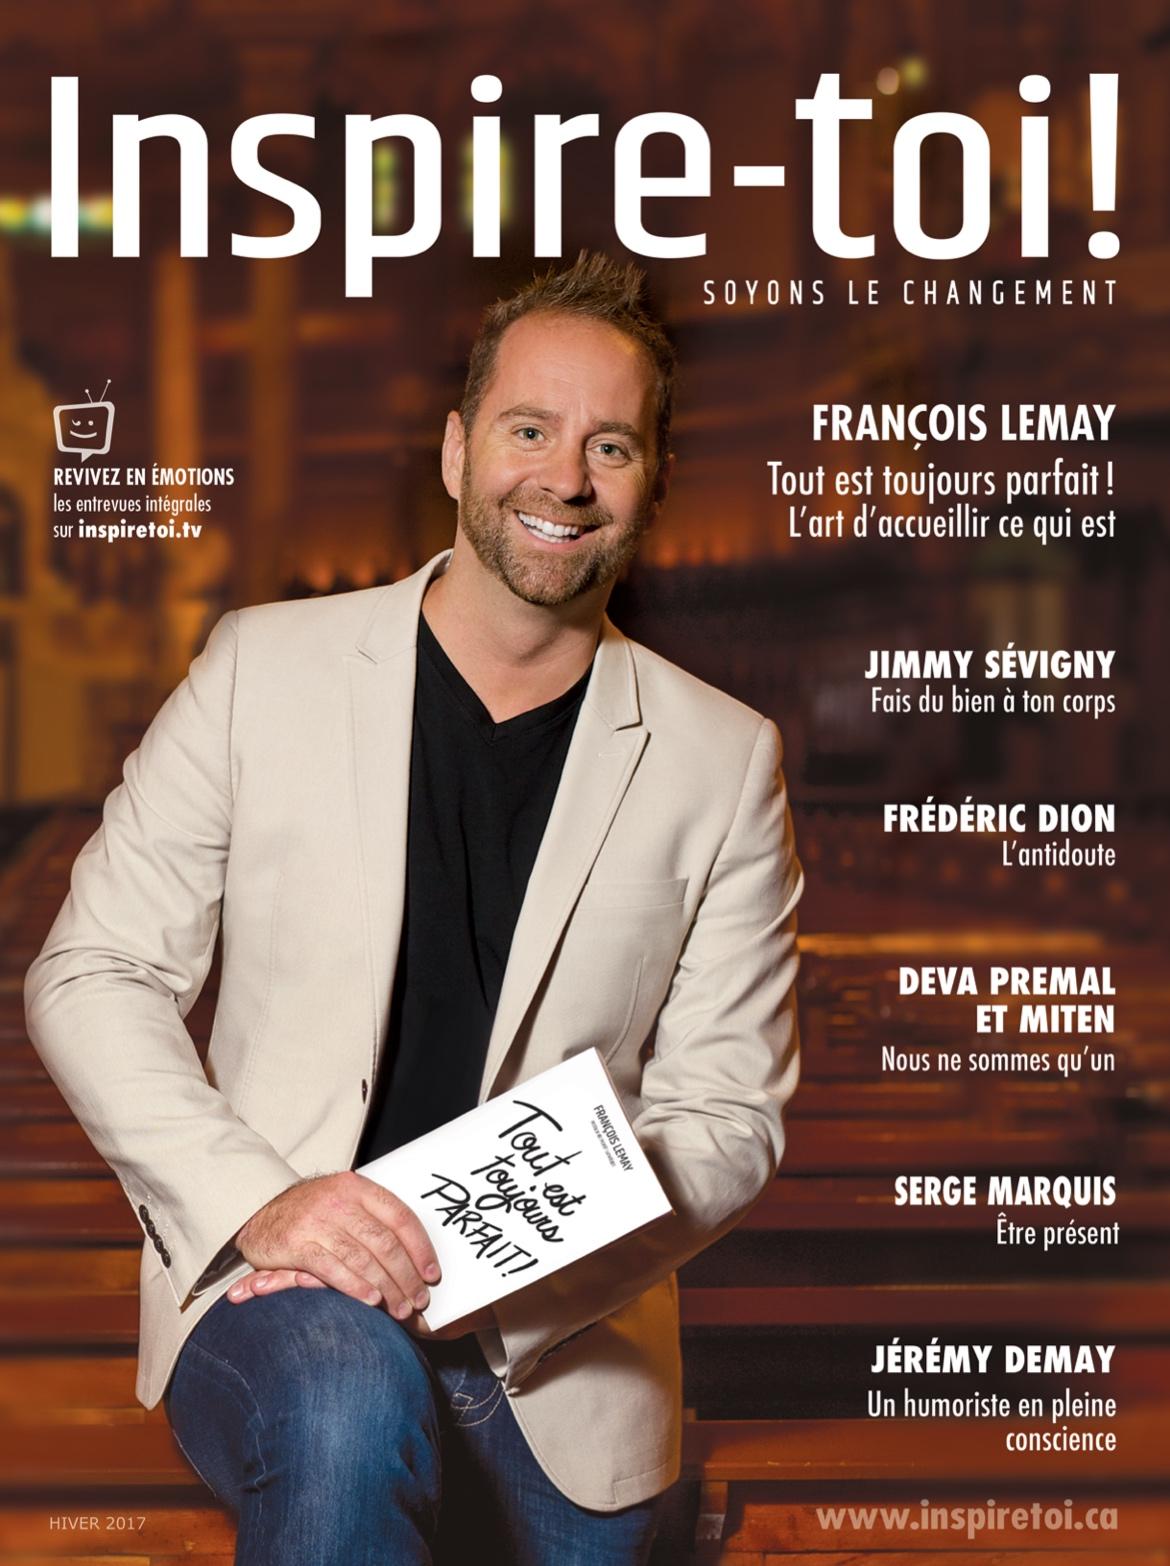 Magazine-Inspire-toi-2img